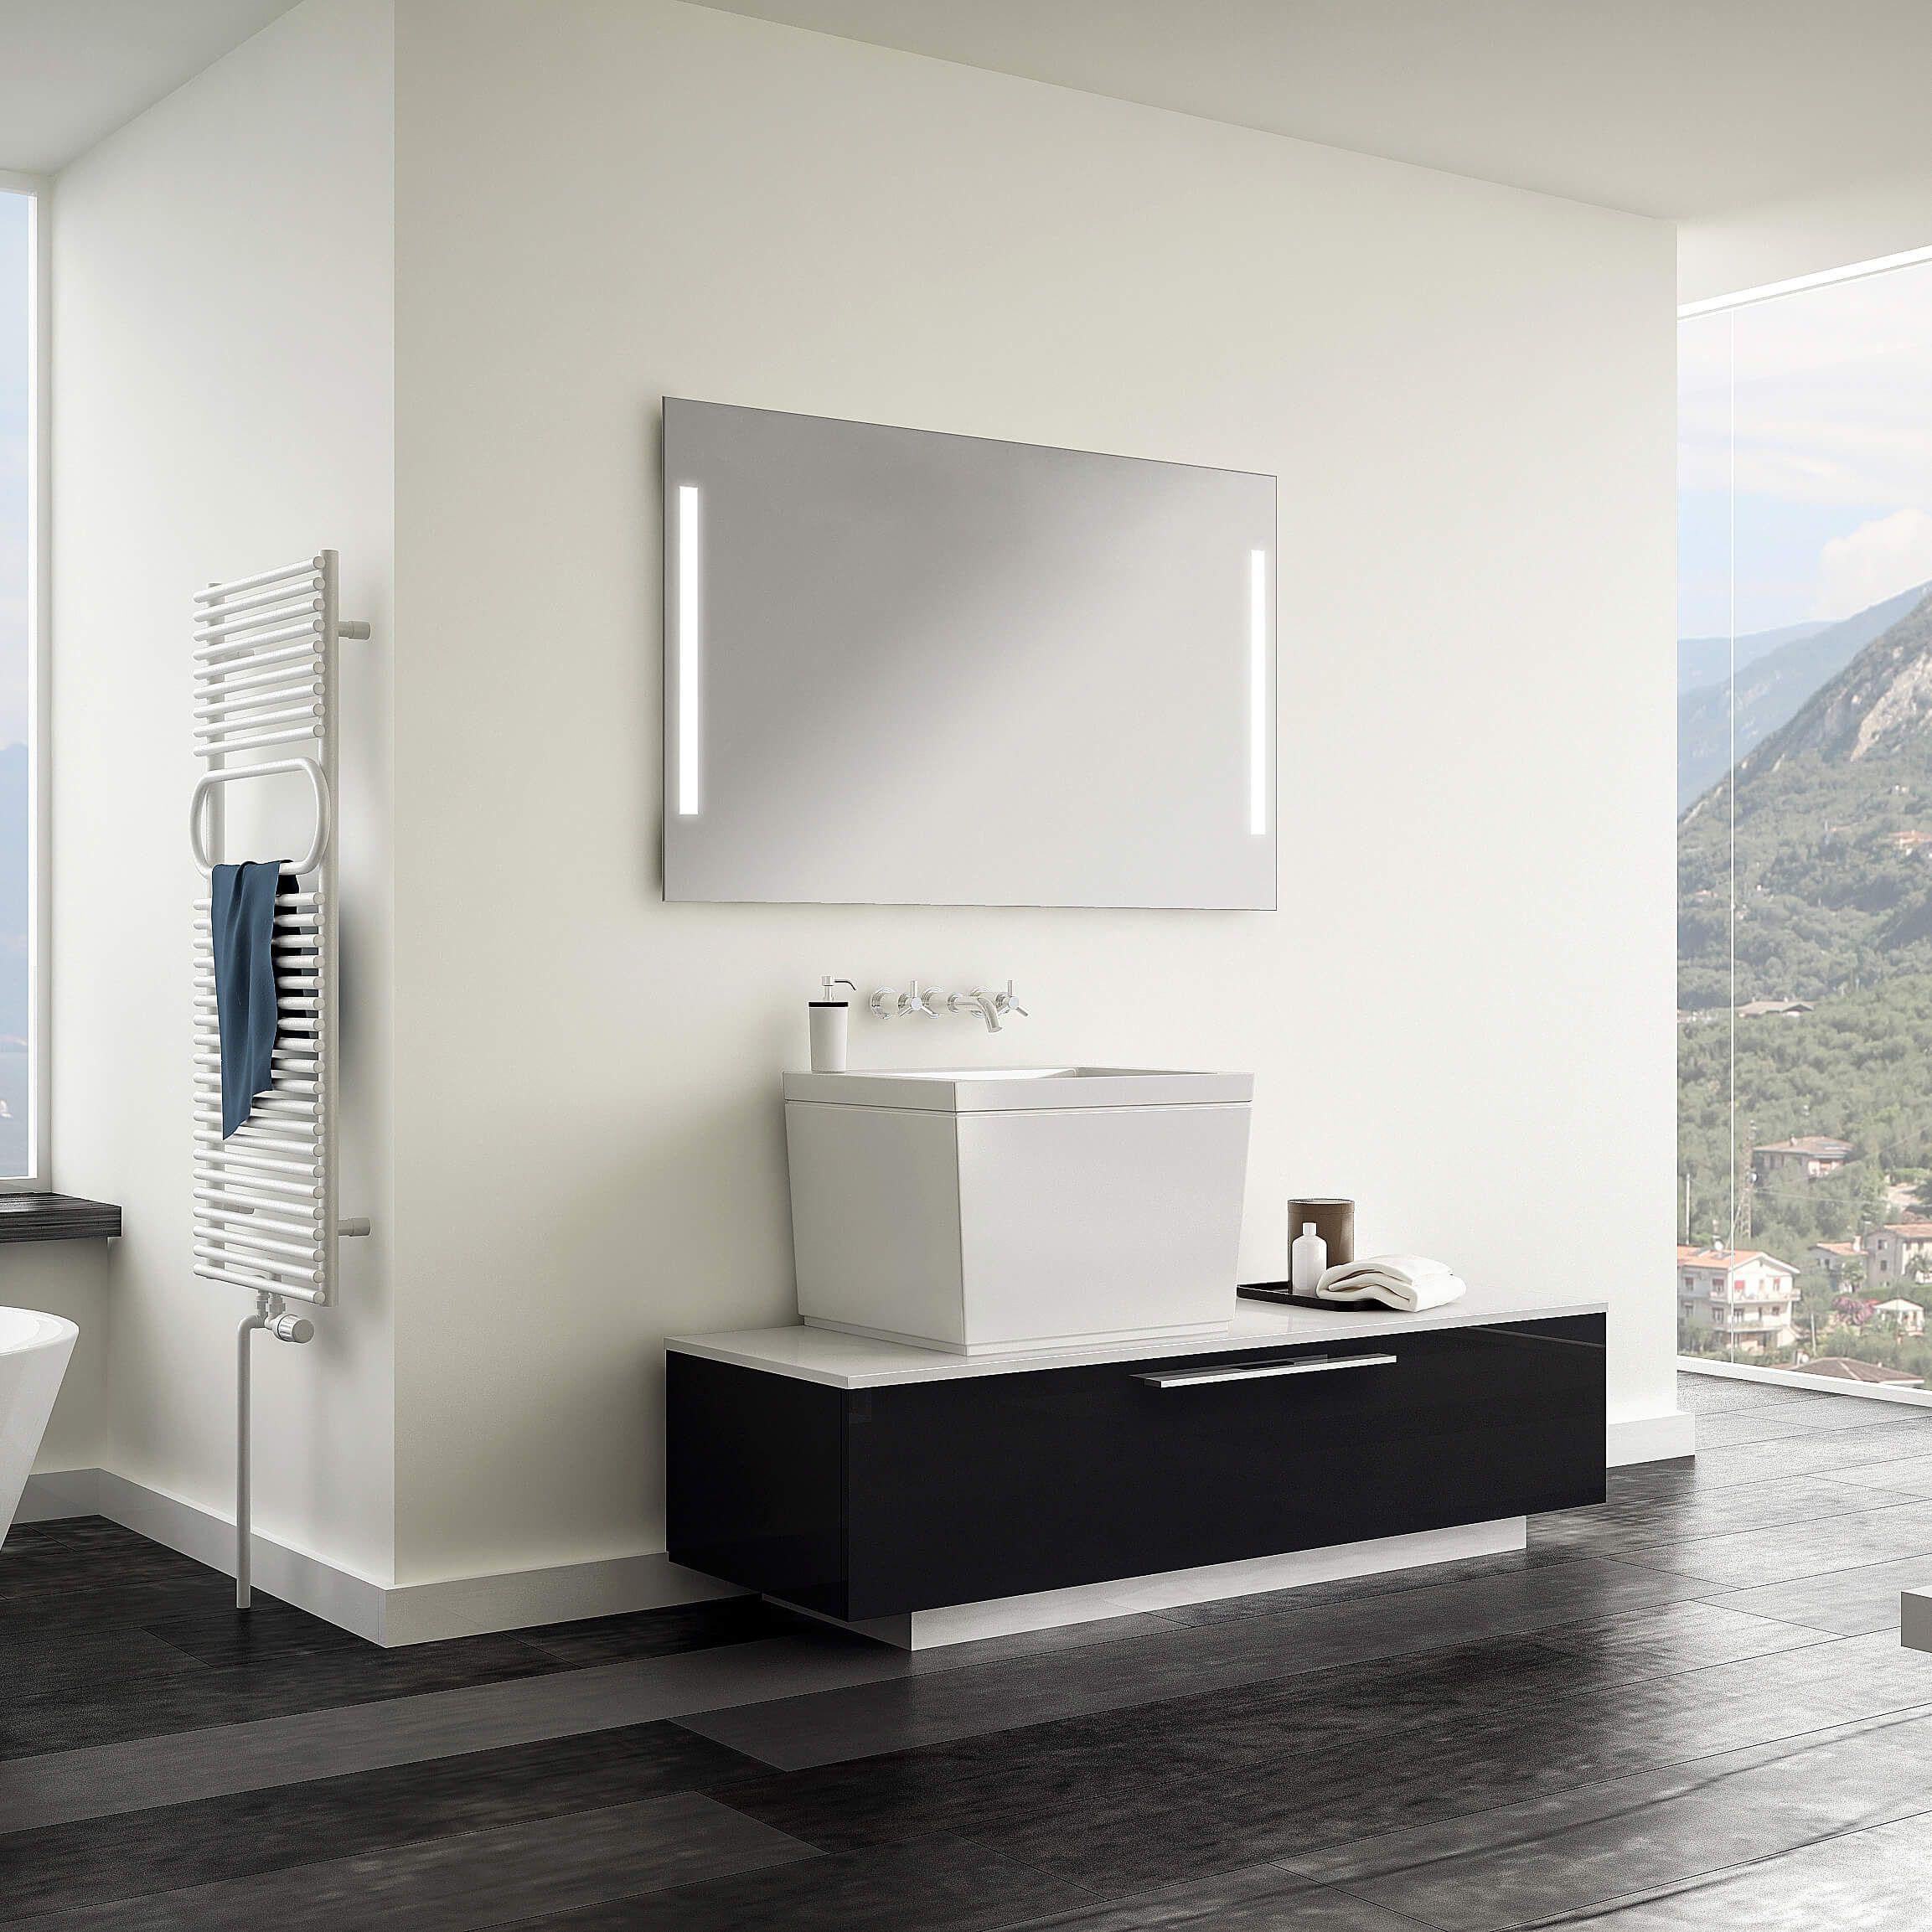 Badezimmer Idee Mit Einem Badspiegel Easy Side Von Schreiber Licht Design Gmbh Badspiegel